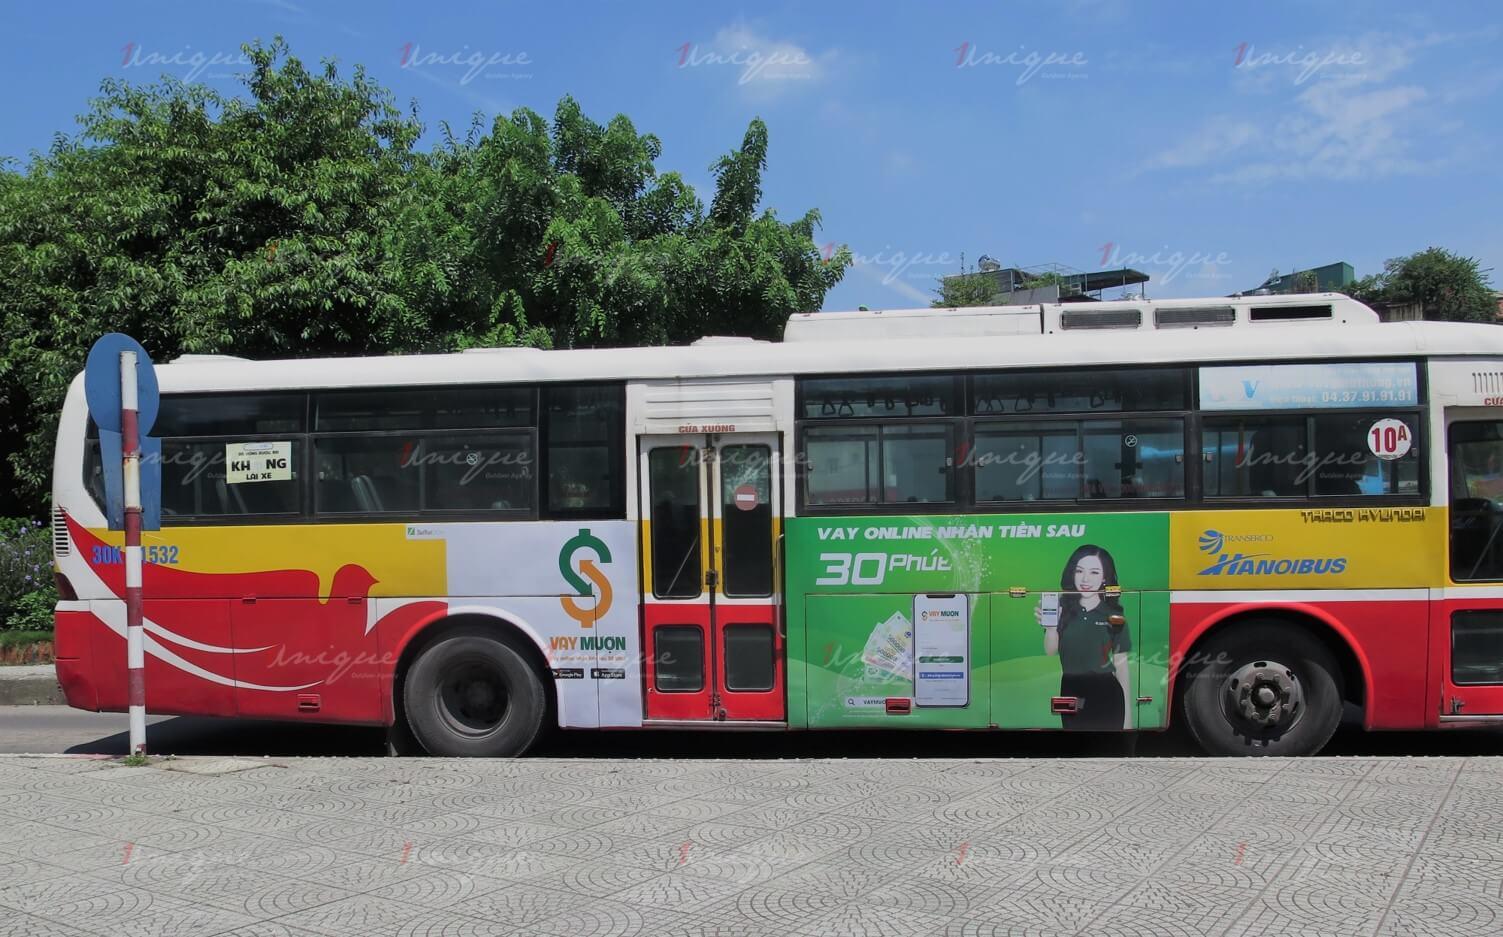 quảng cáo xe buýt cho vay mượn và fastgo